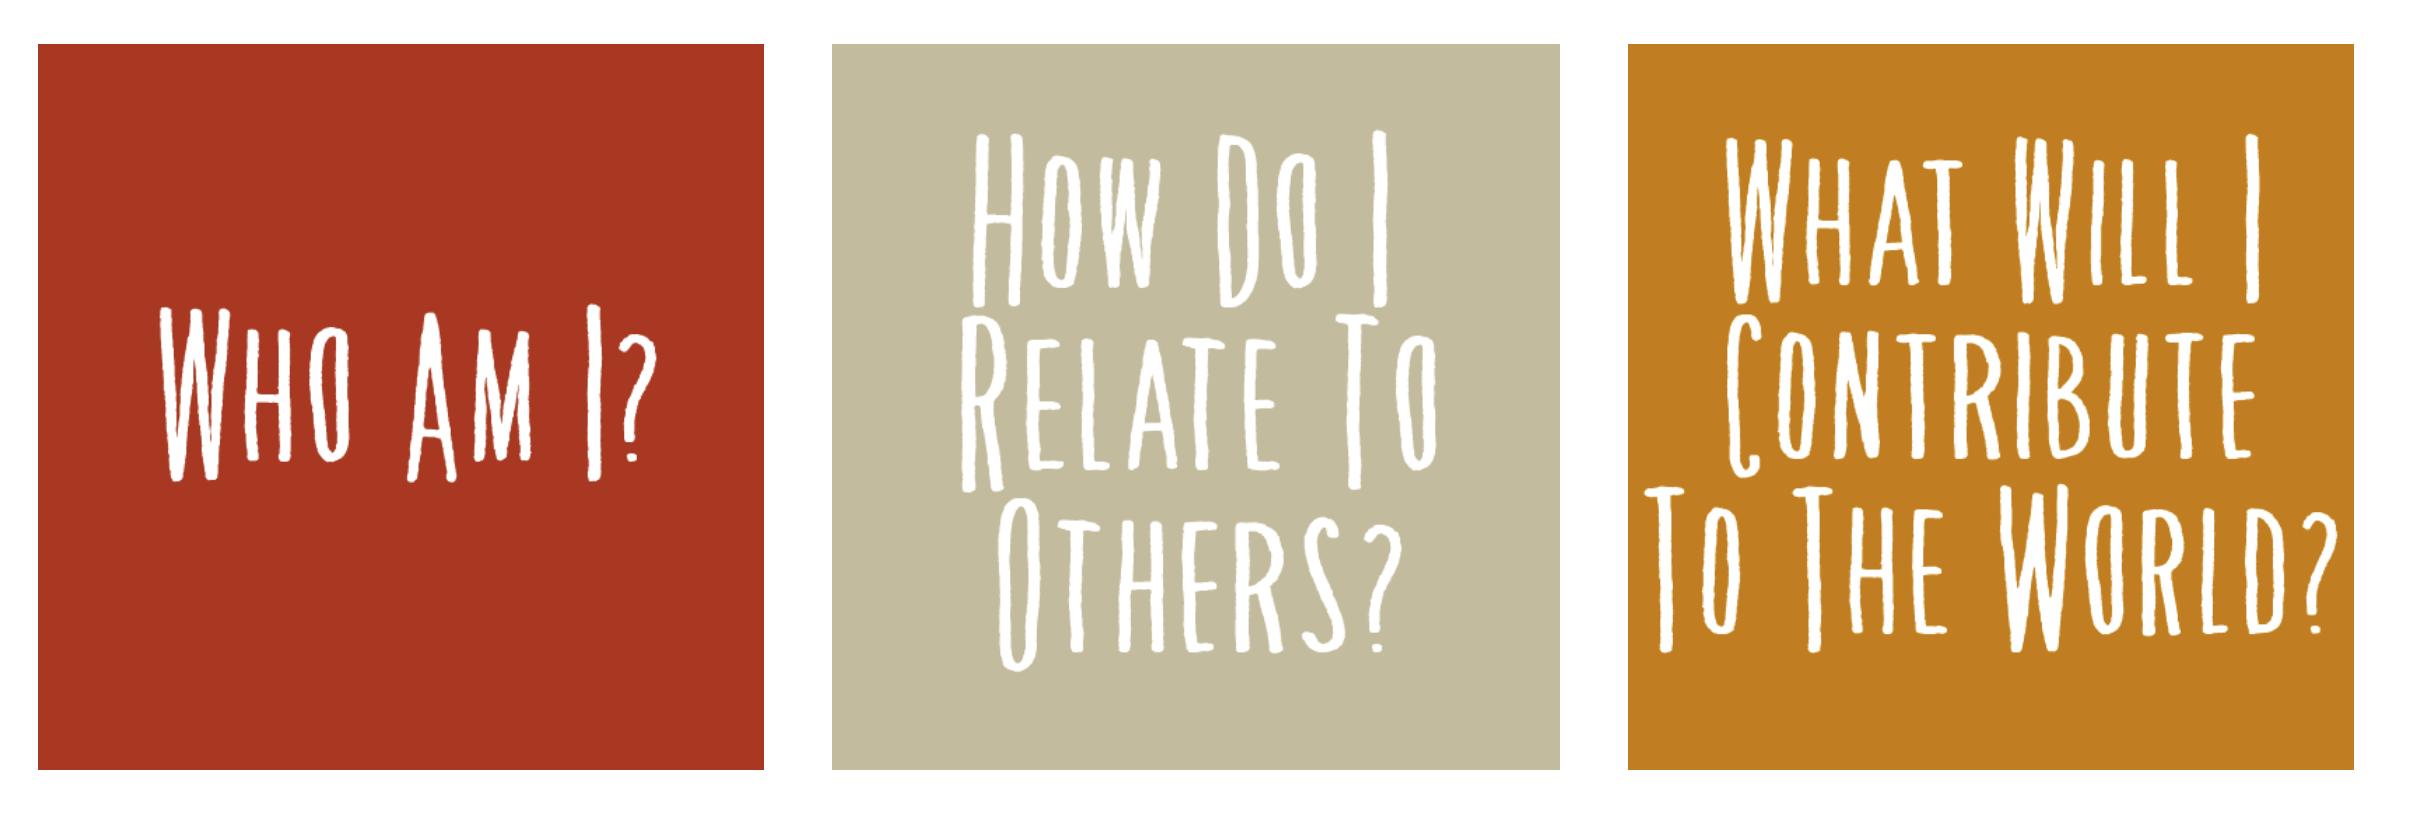 ミレニアム・スクールで生徒が向き合う3つの大きな問い (出典:ミレニアム・スクールウェブサイト)